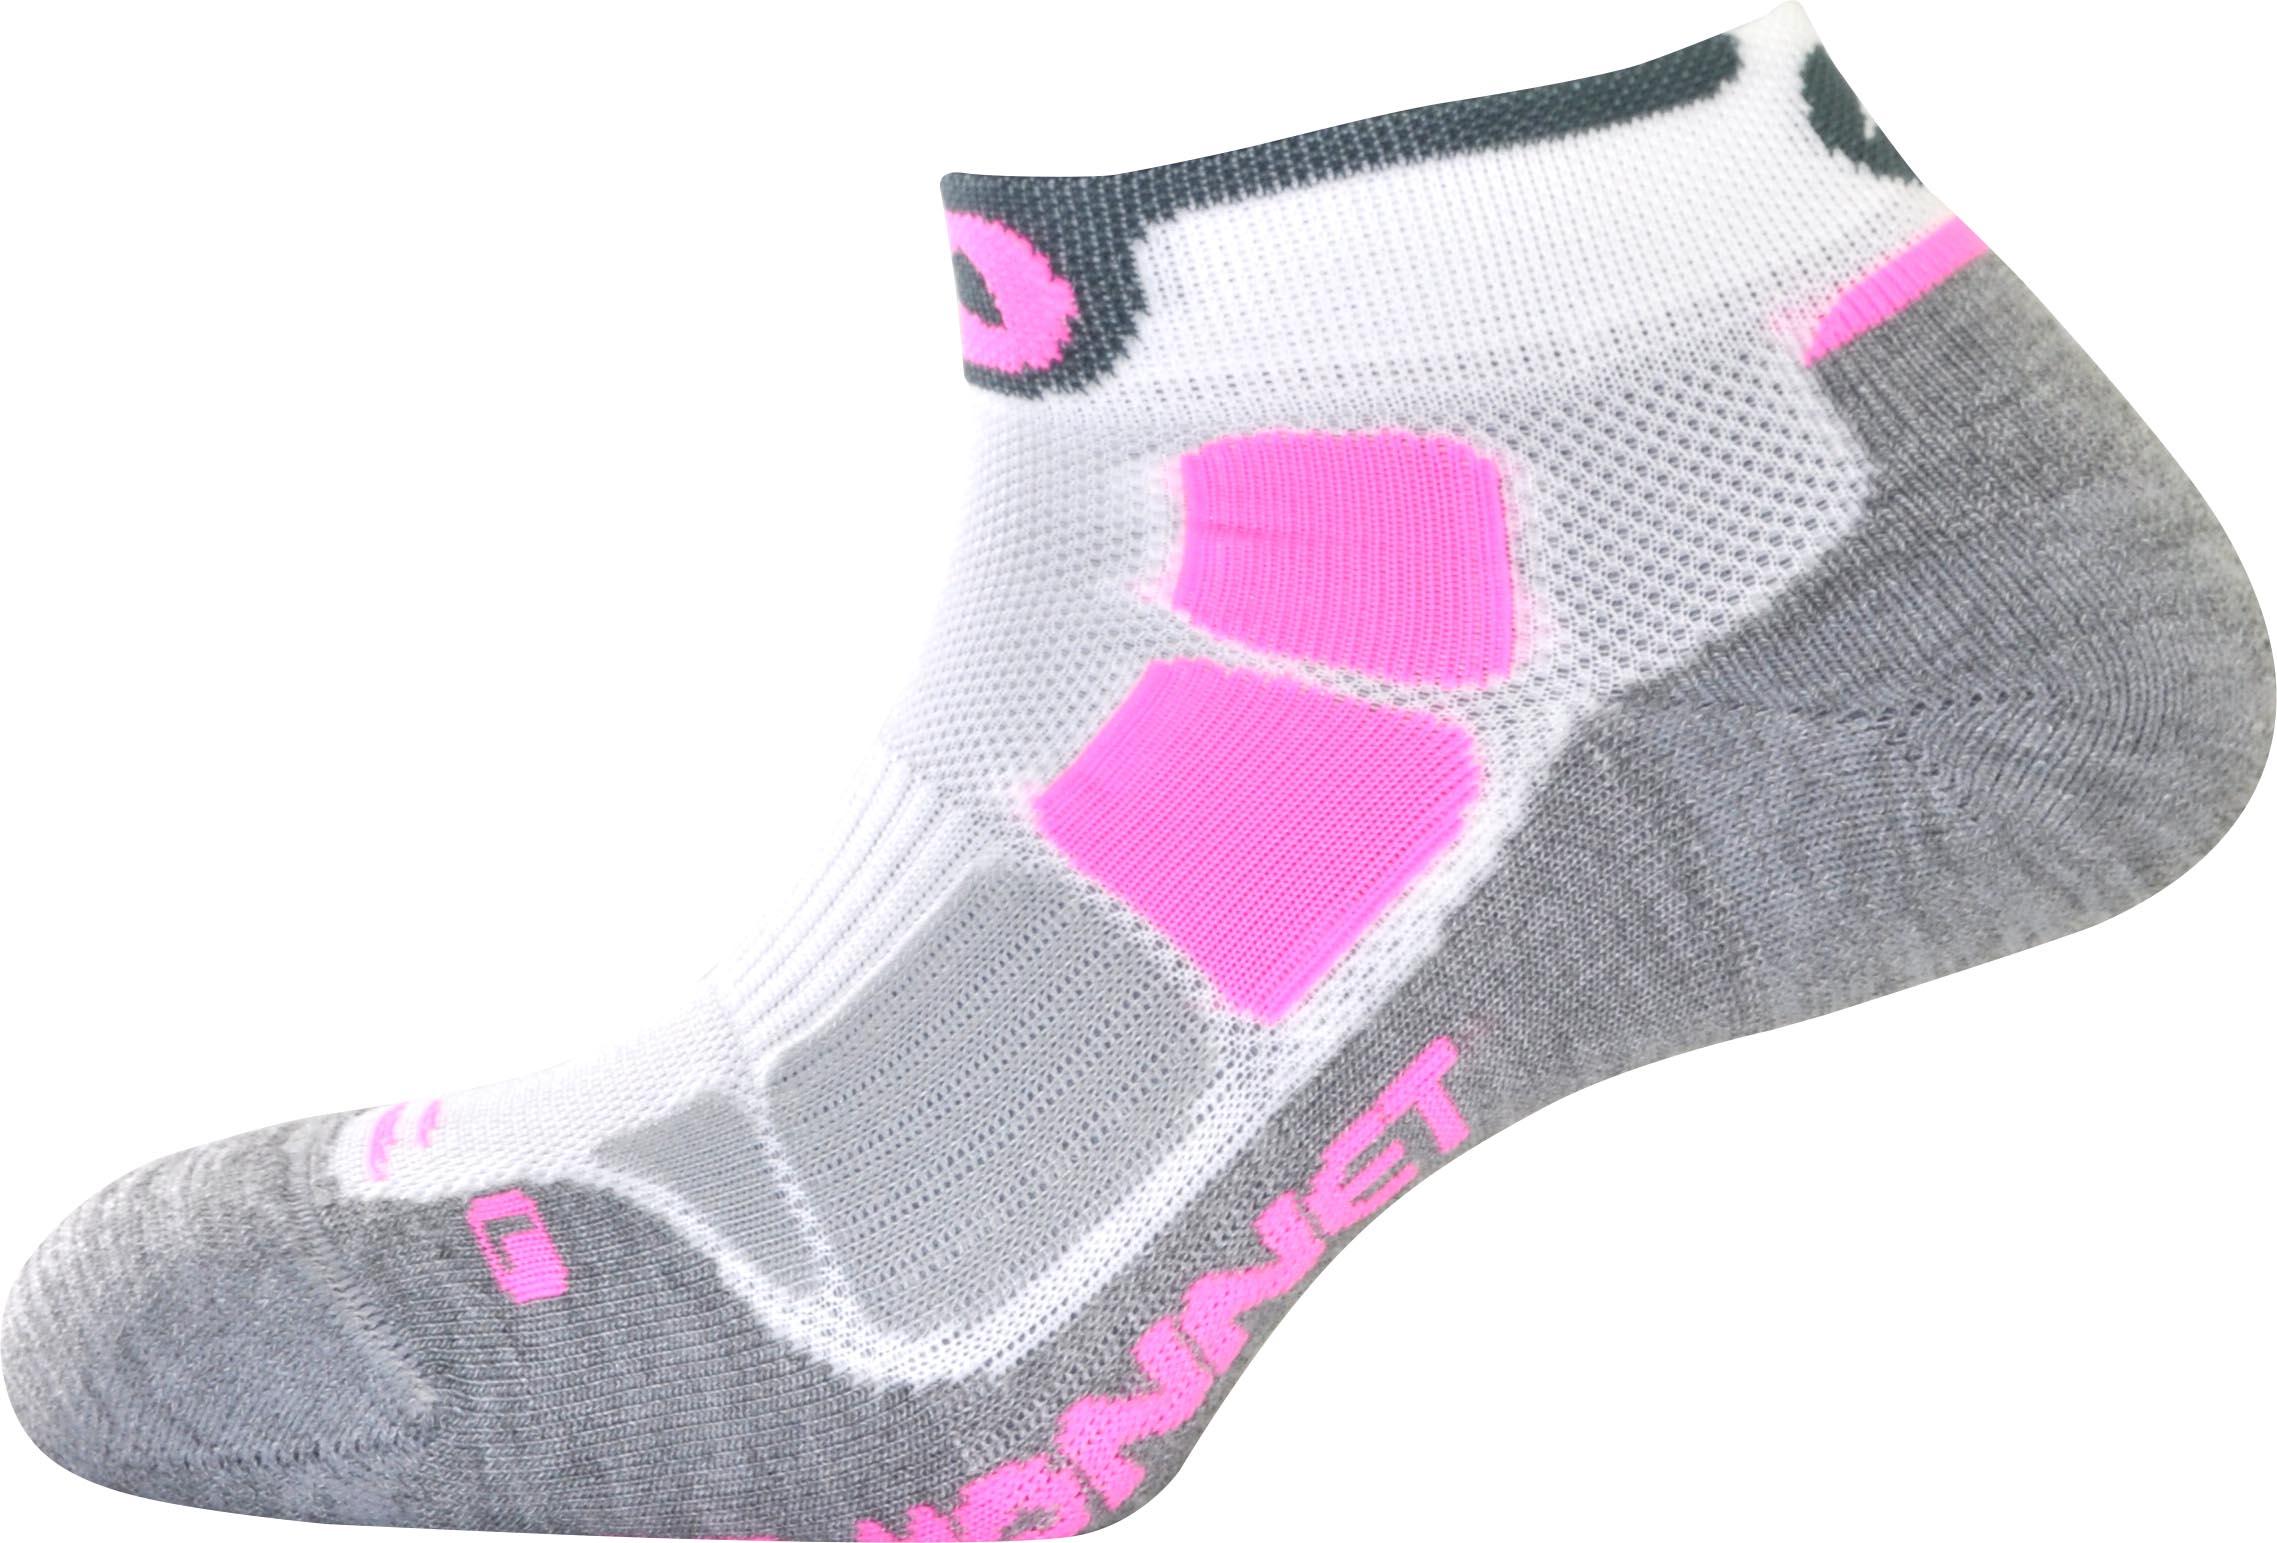 Monnet Run Air - Socquettes running